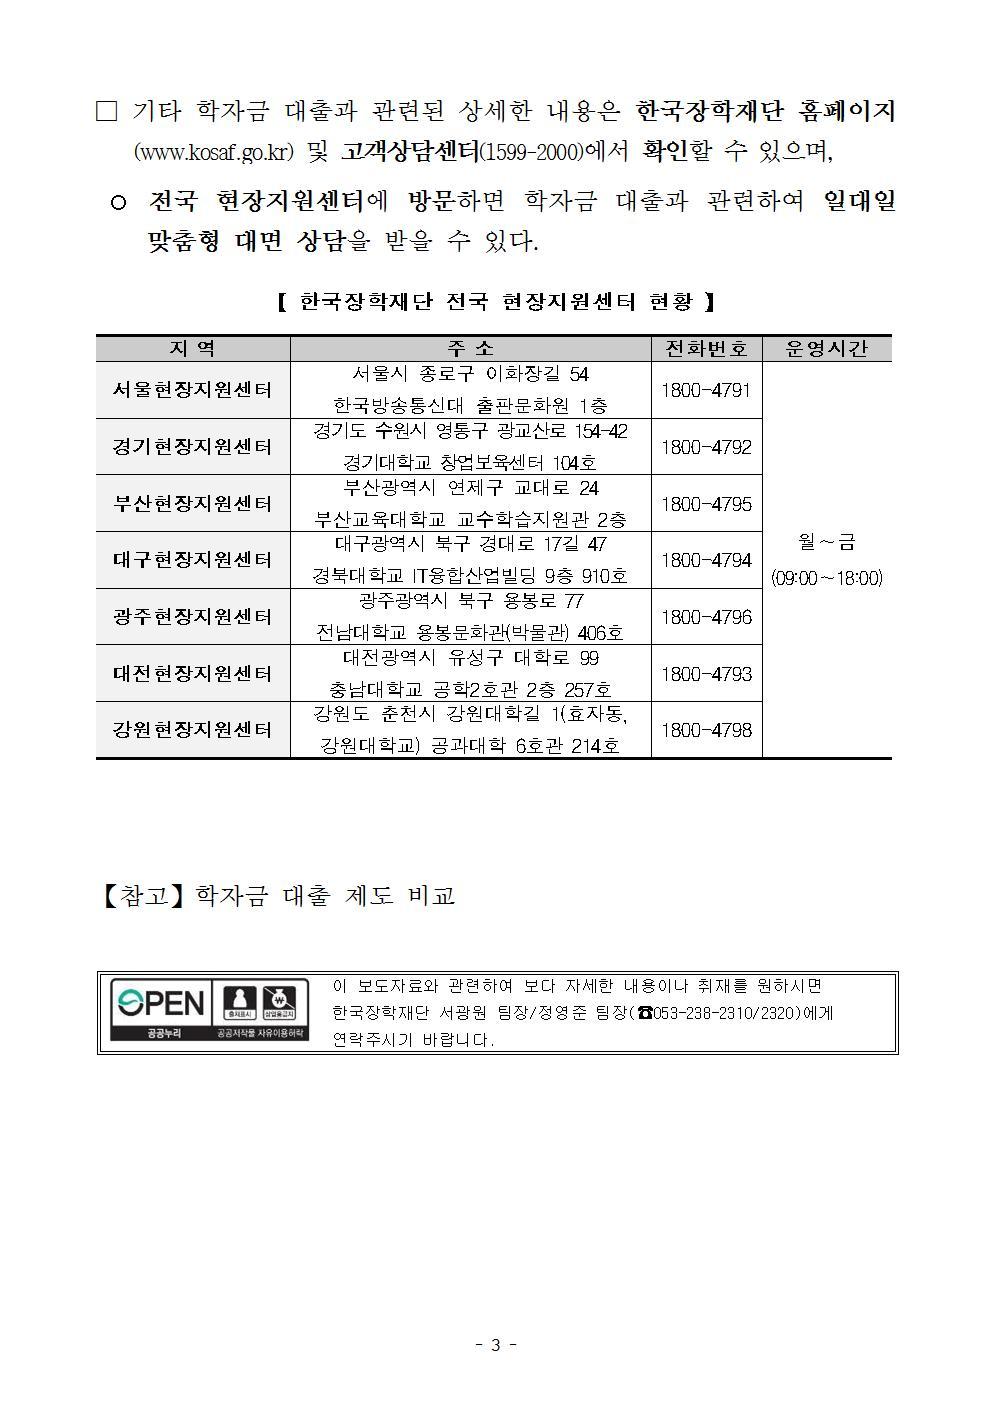 07-09(월)[보도자료] 18년 2학기 학자금대출 시행003.jpg